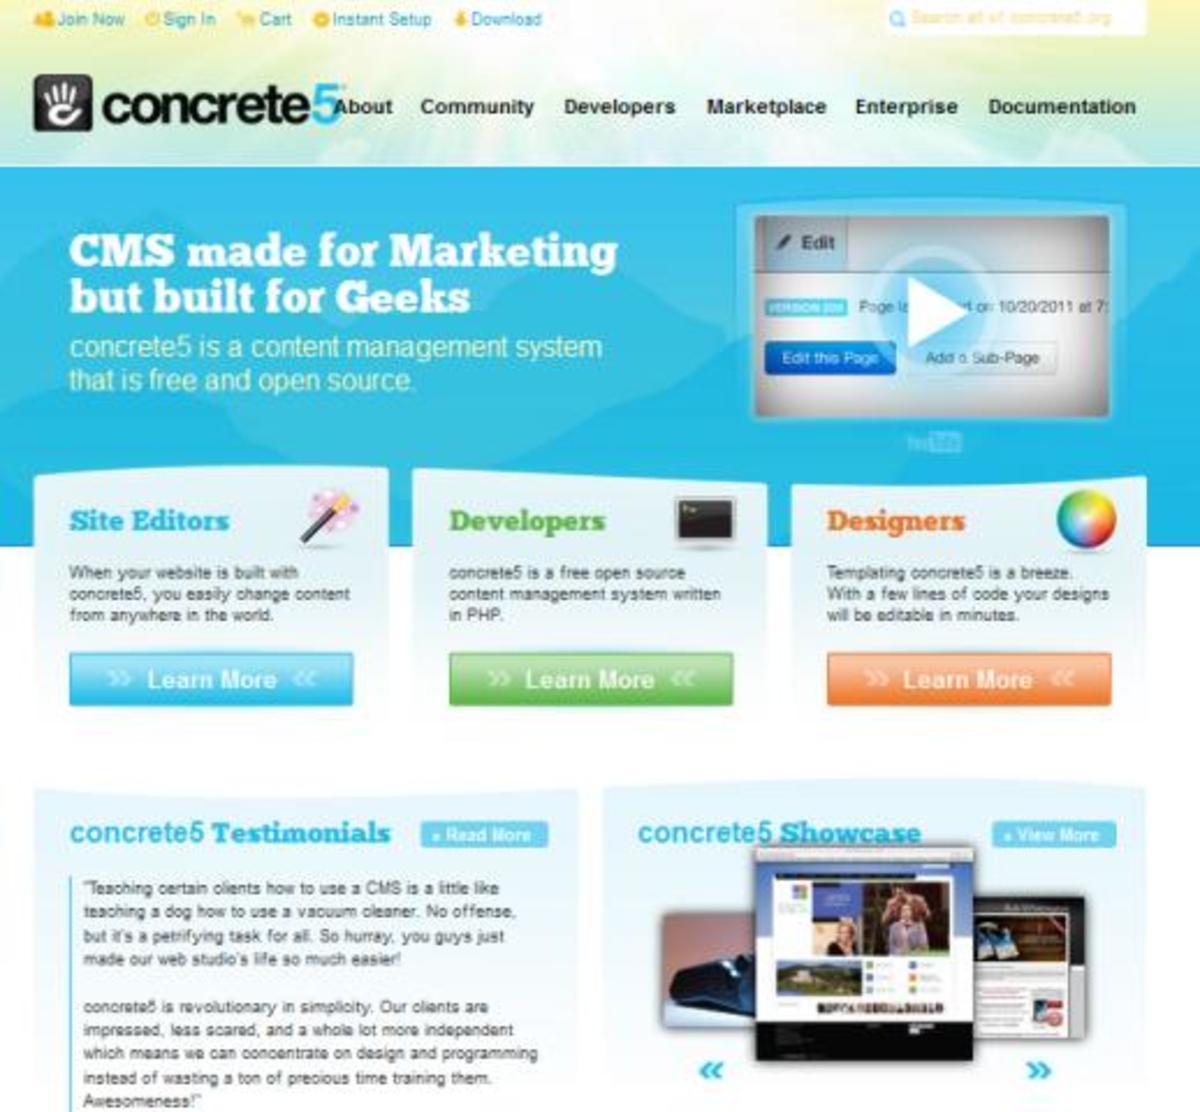 concrete5.org